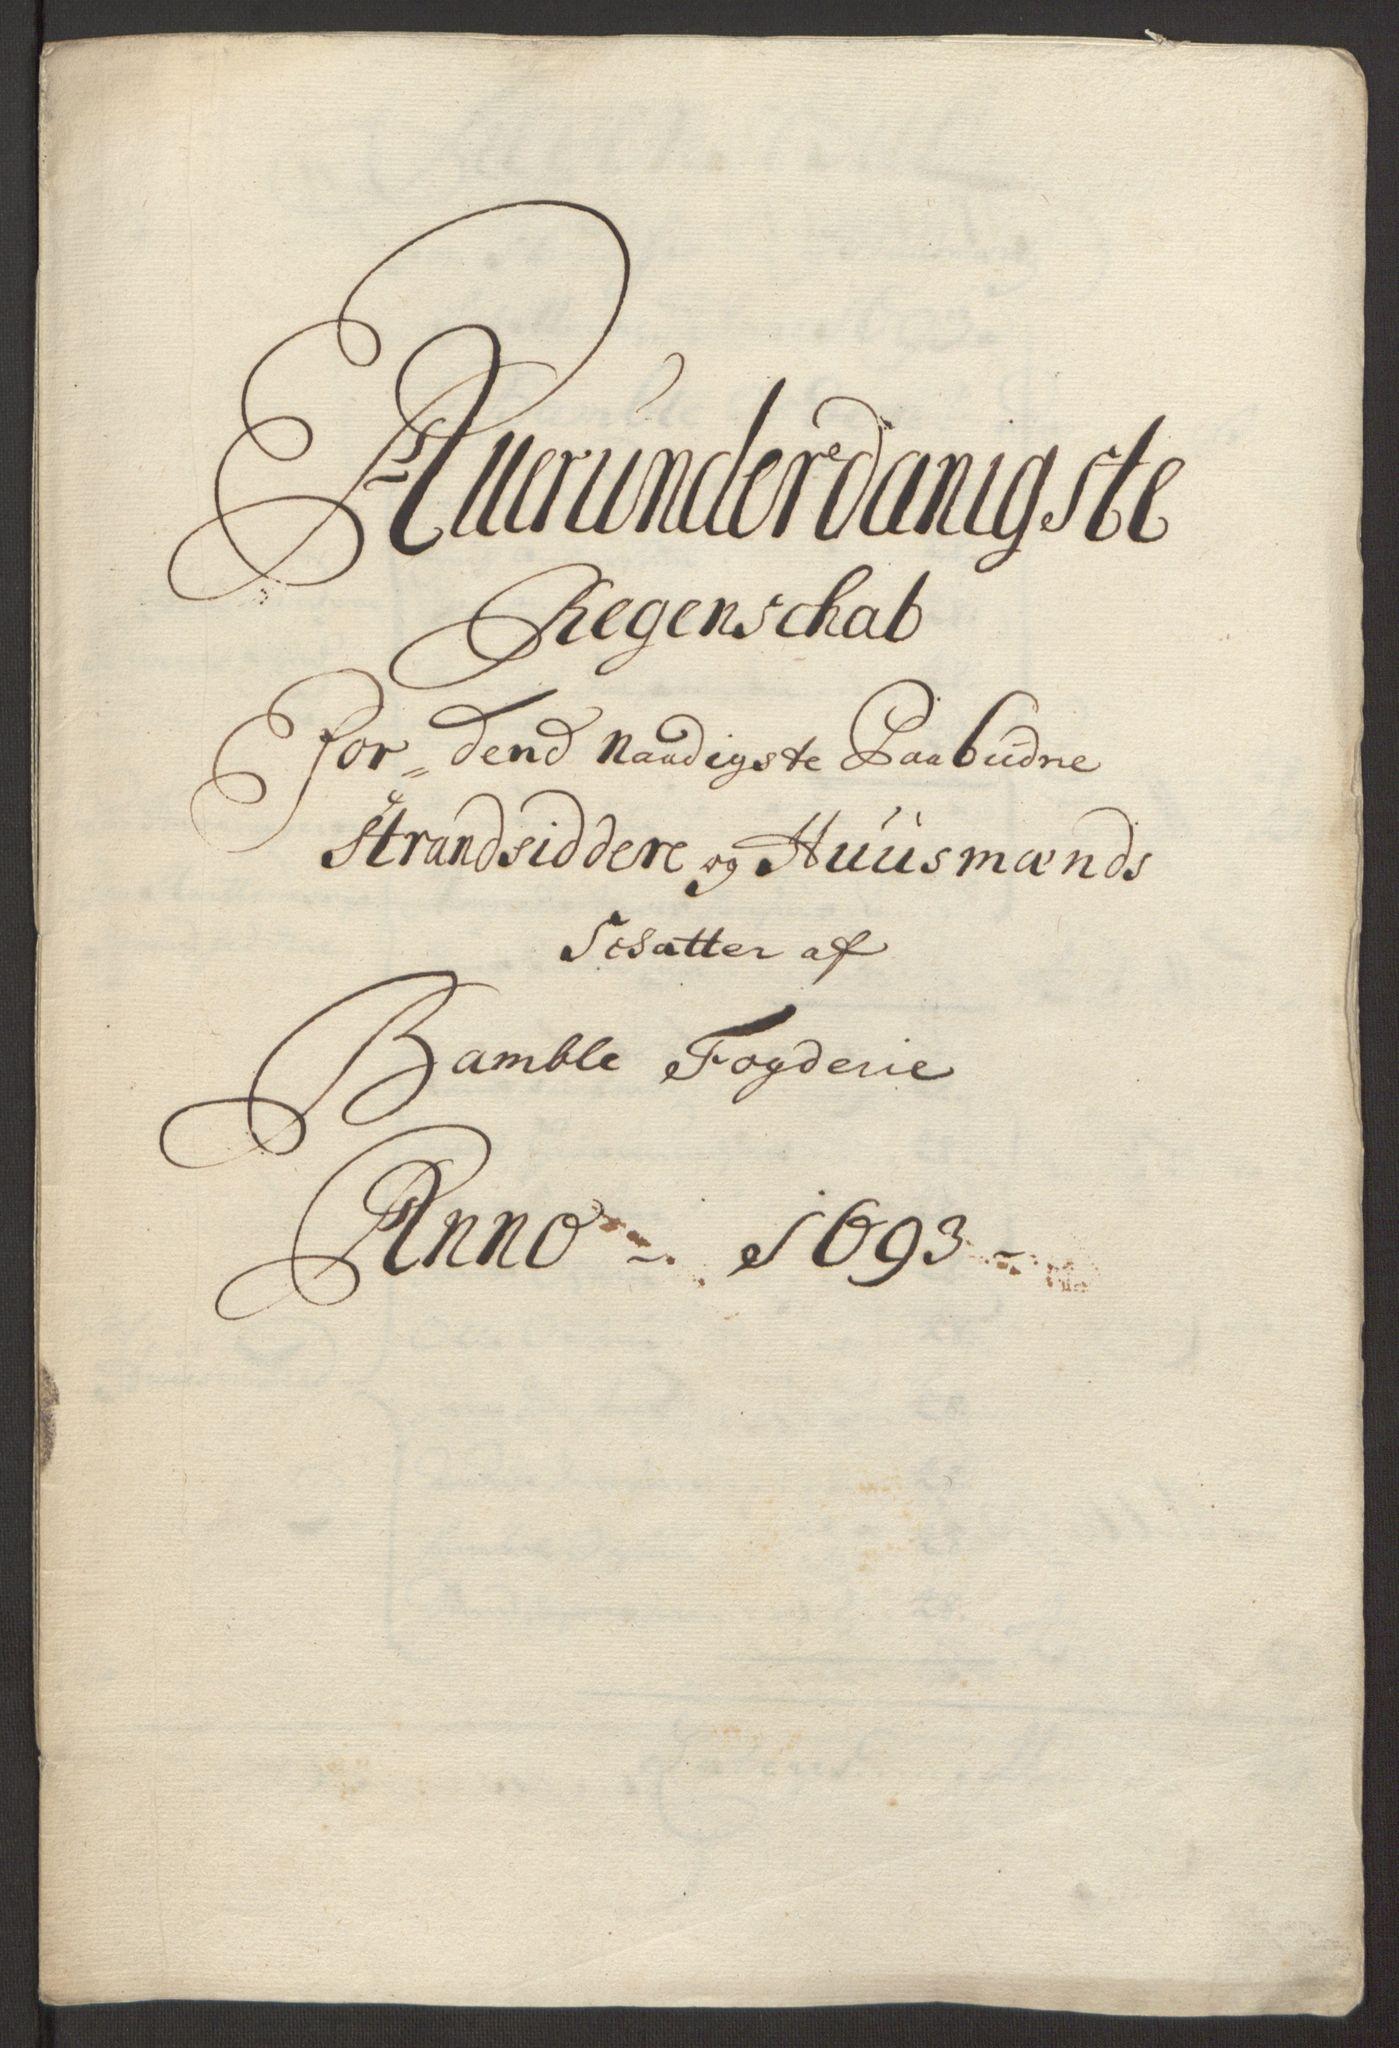 RA, Rentekammeret inntil 1814, Reviderte regnskaper, Fogderegnskap, R34/L2052: Fogderegnskap Bamble, 1692-1693, s. 320